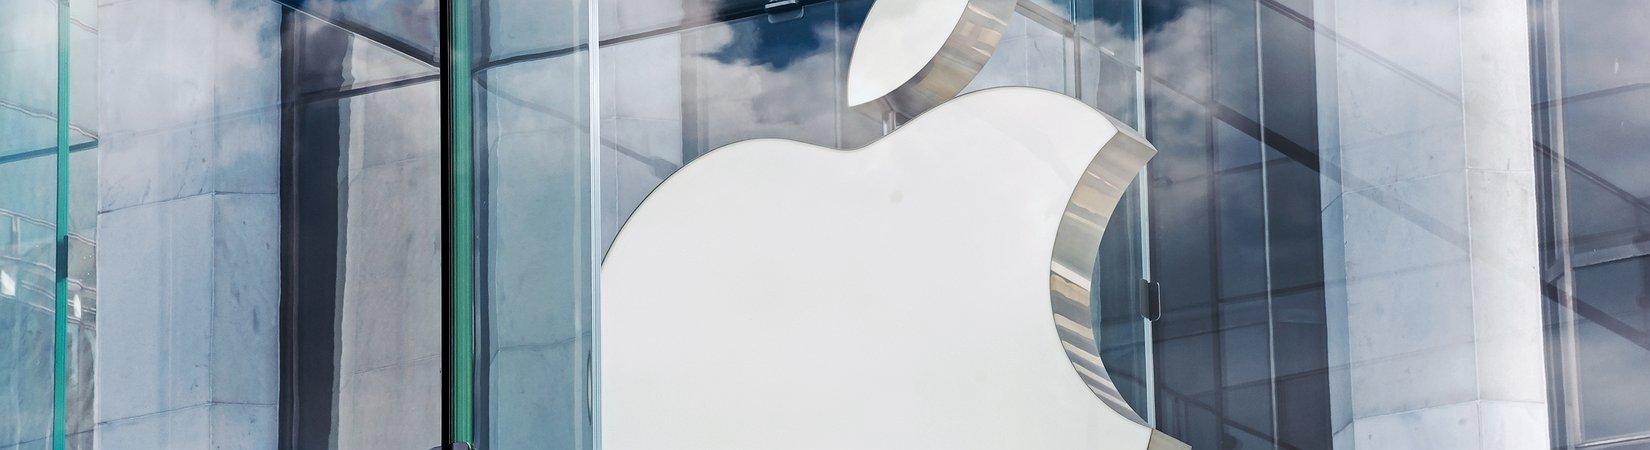 Apple supera gli 800 miliardi di valutazione